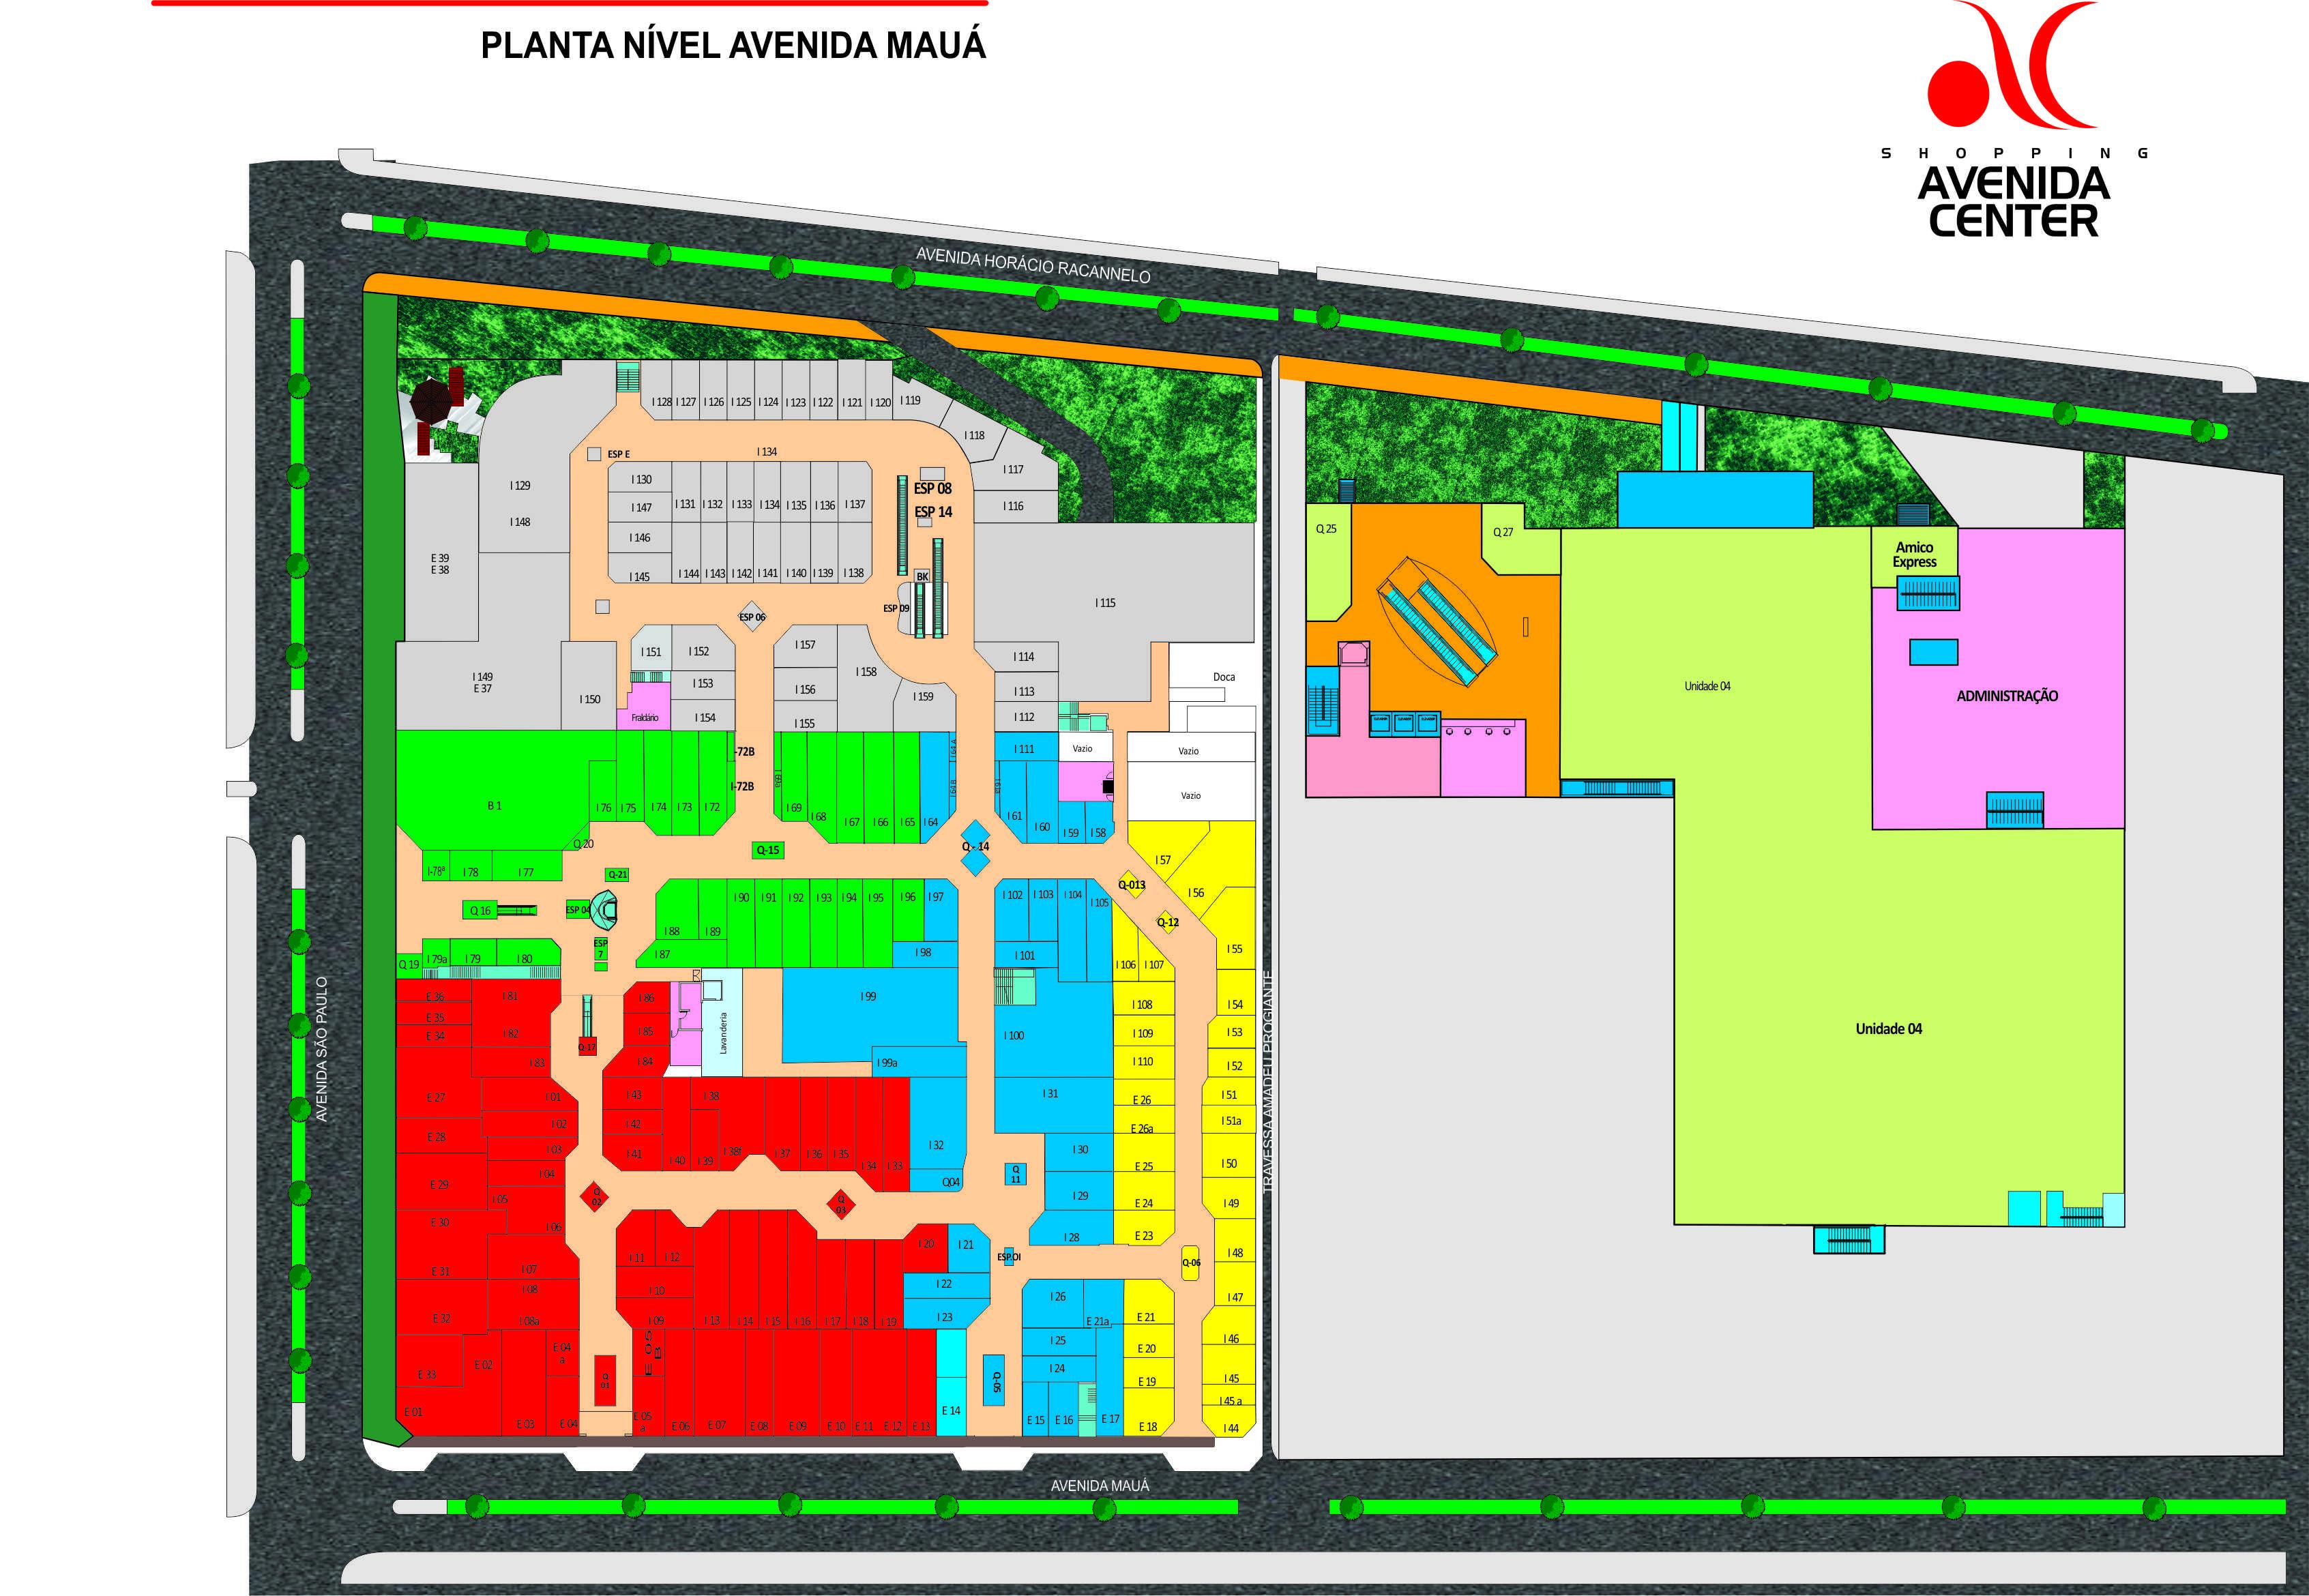 Mapa do shopping - localização, FEITO A MÃO